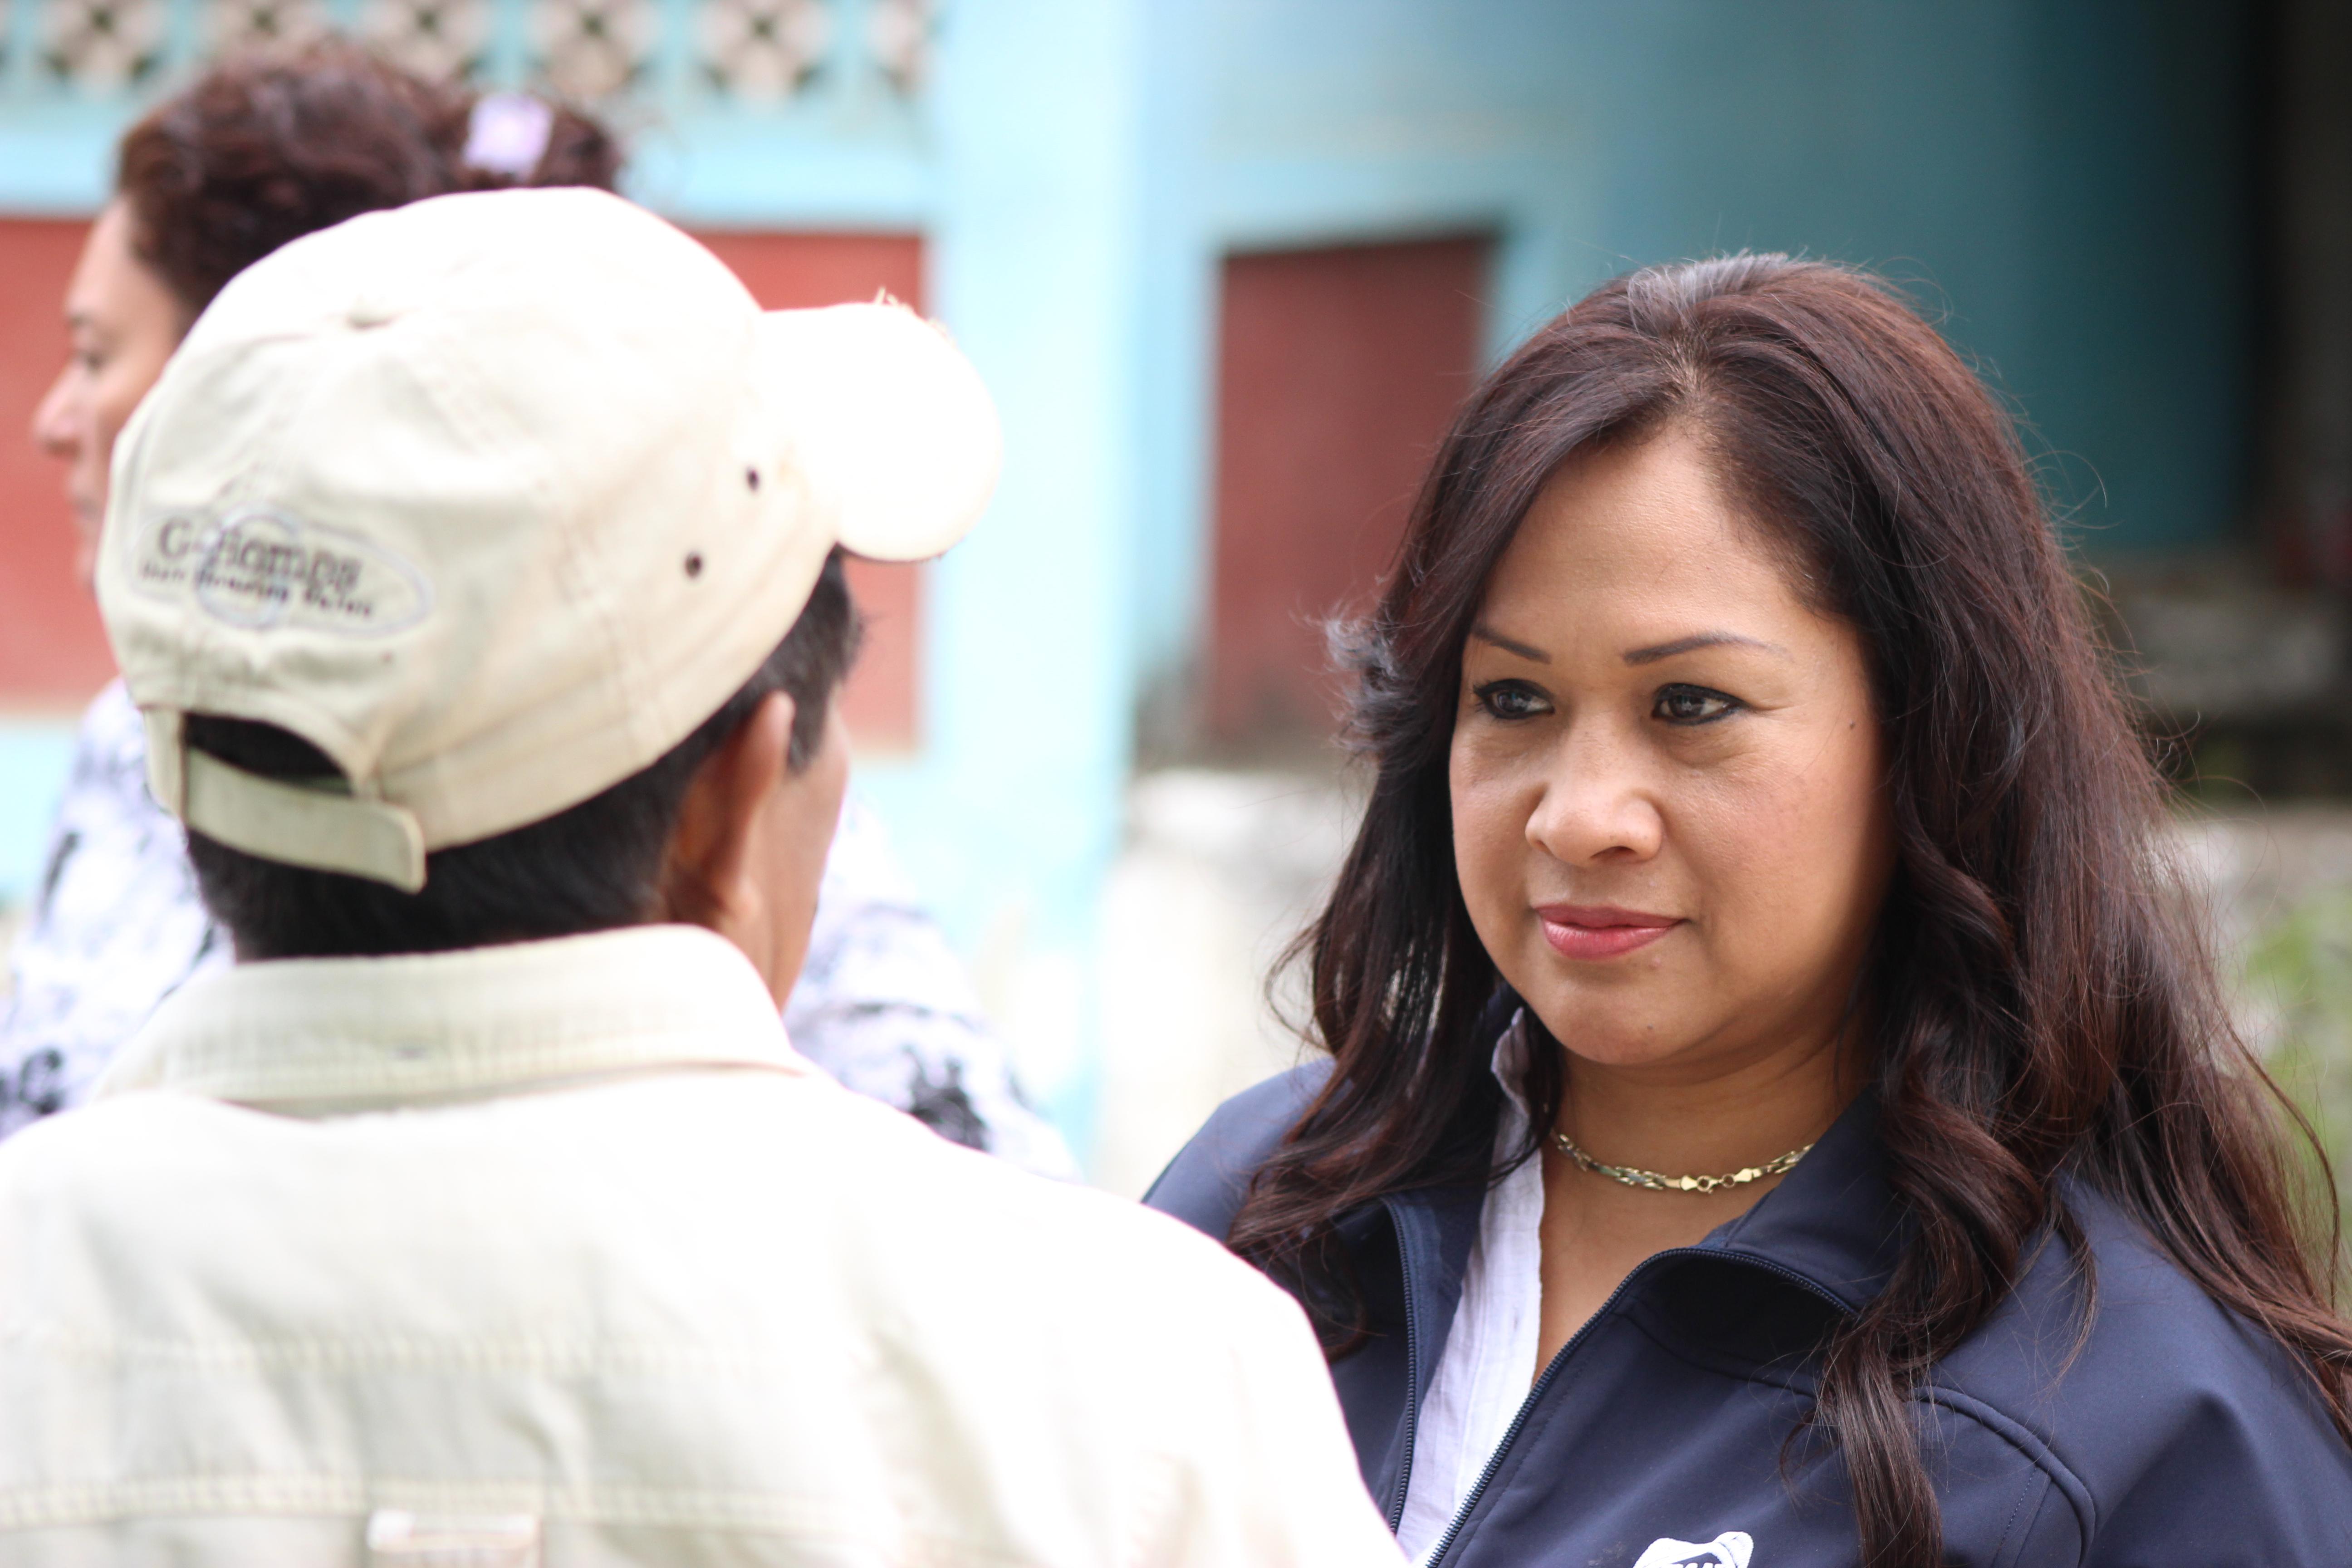 Mujeres de AC en contra de la discriminación y difamación a Sonia Mendoza